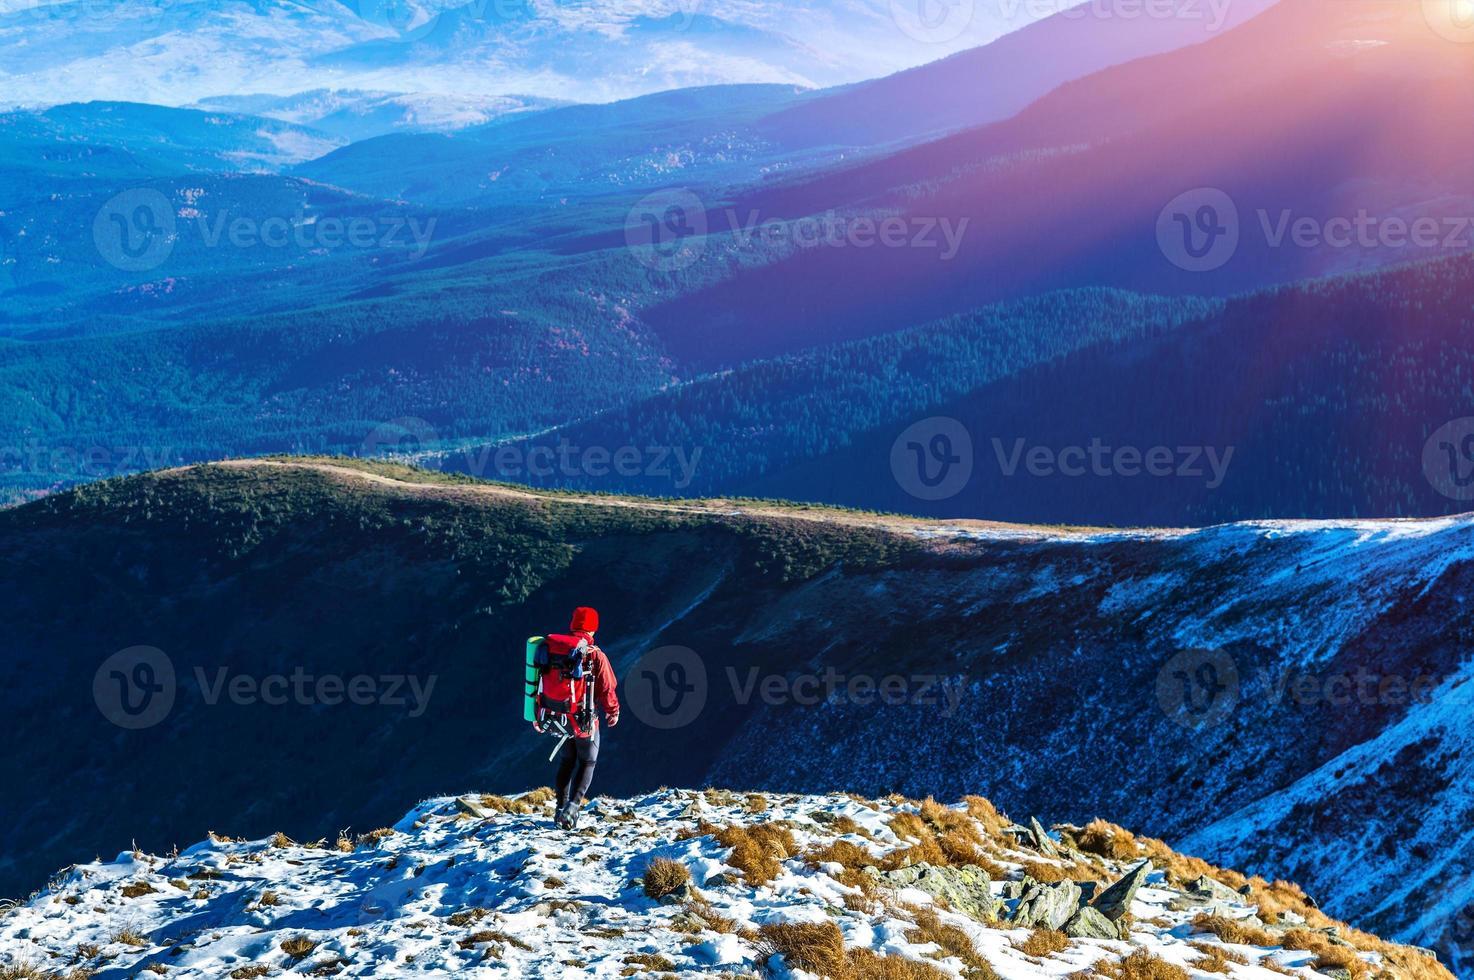 vandrare som går på snö sluttningsbergen och solen skiner foto